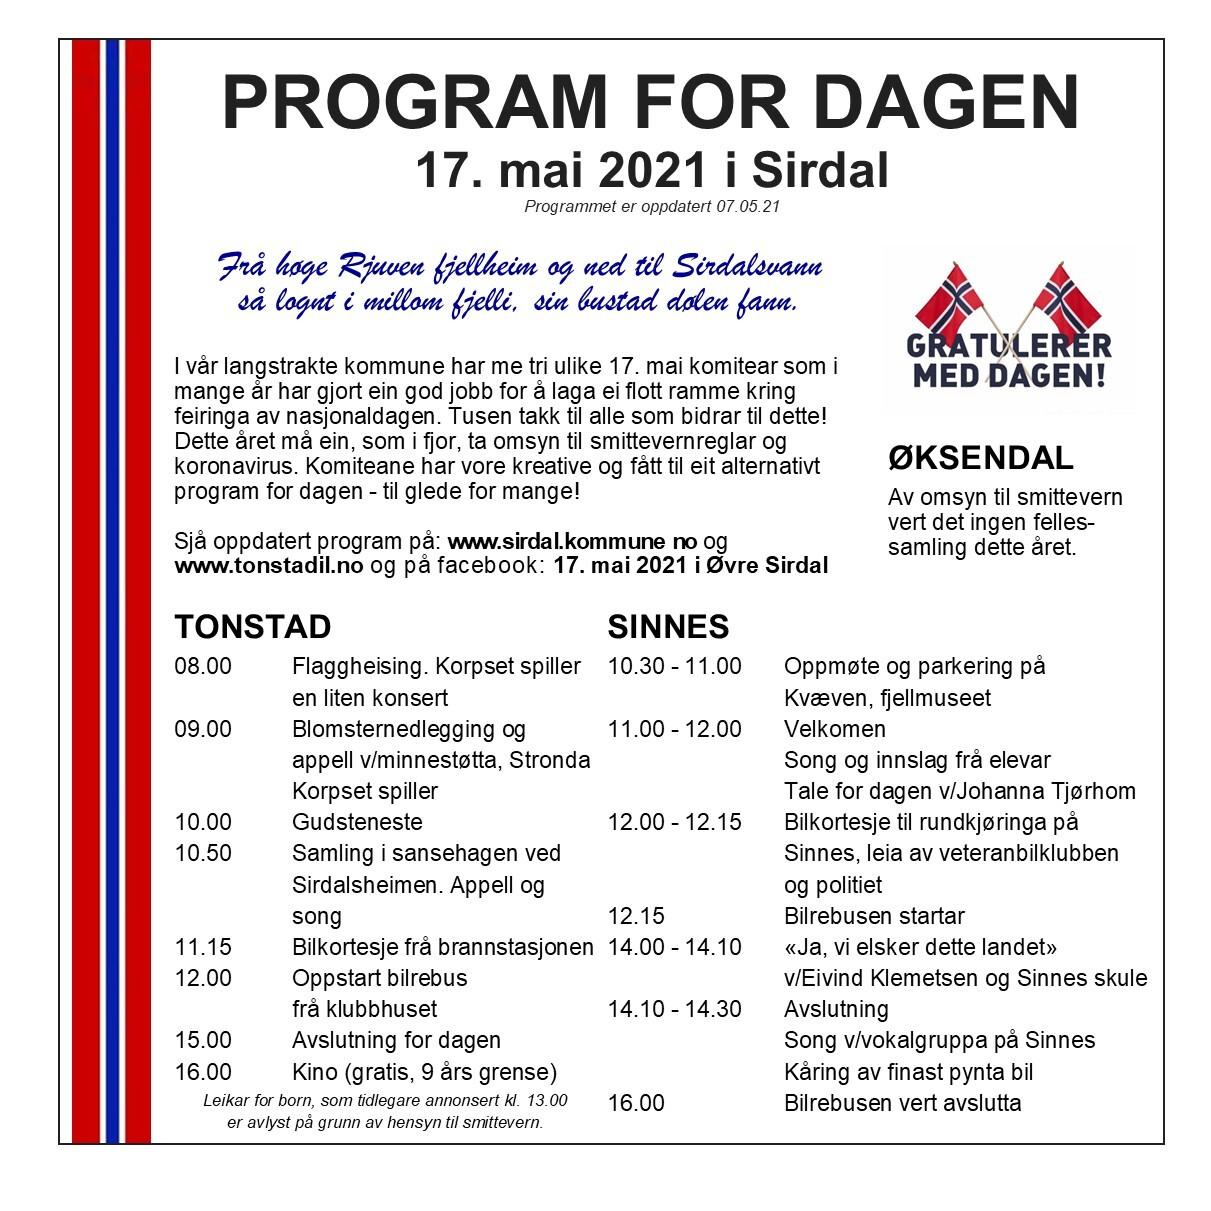 17 mai program 2021 Oppdatert 07 05 21 .jpg